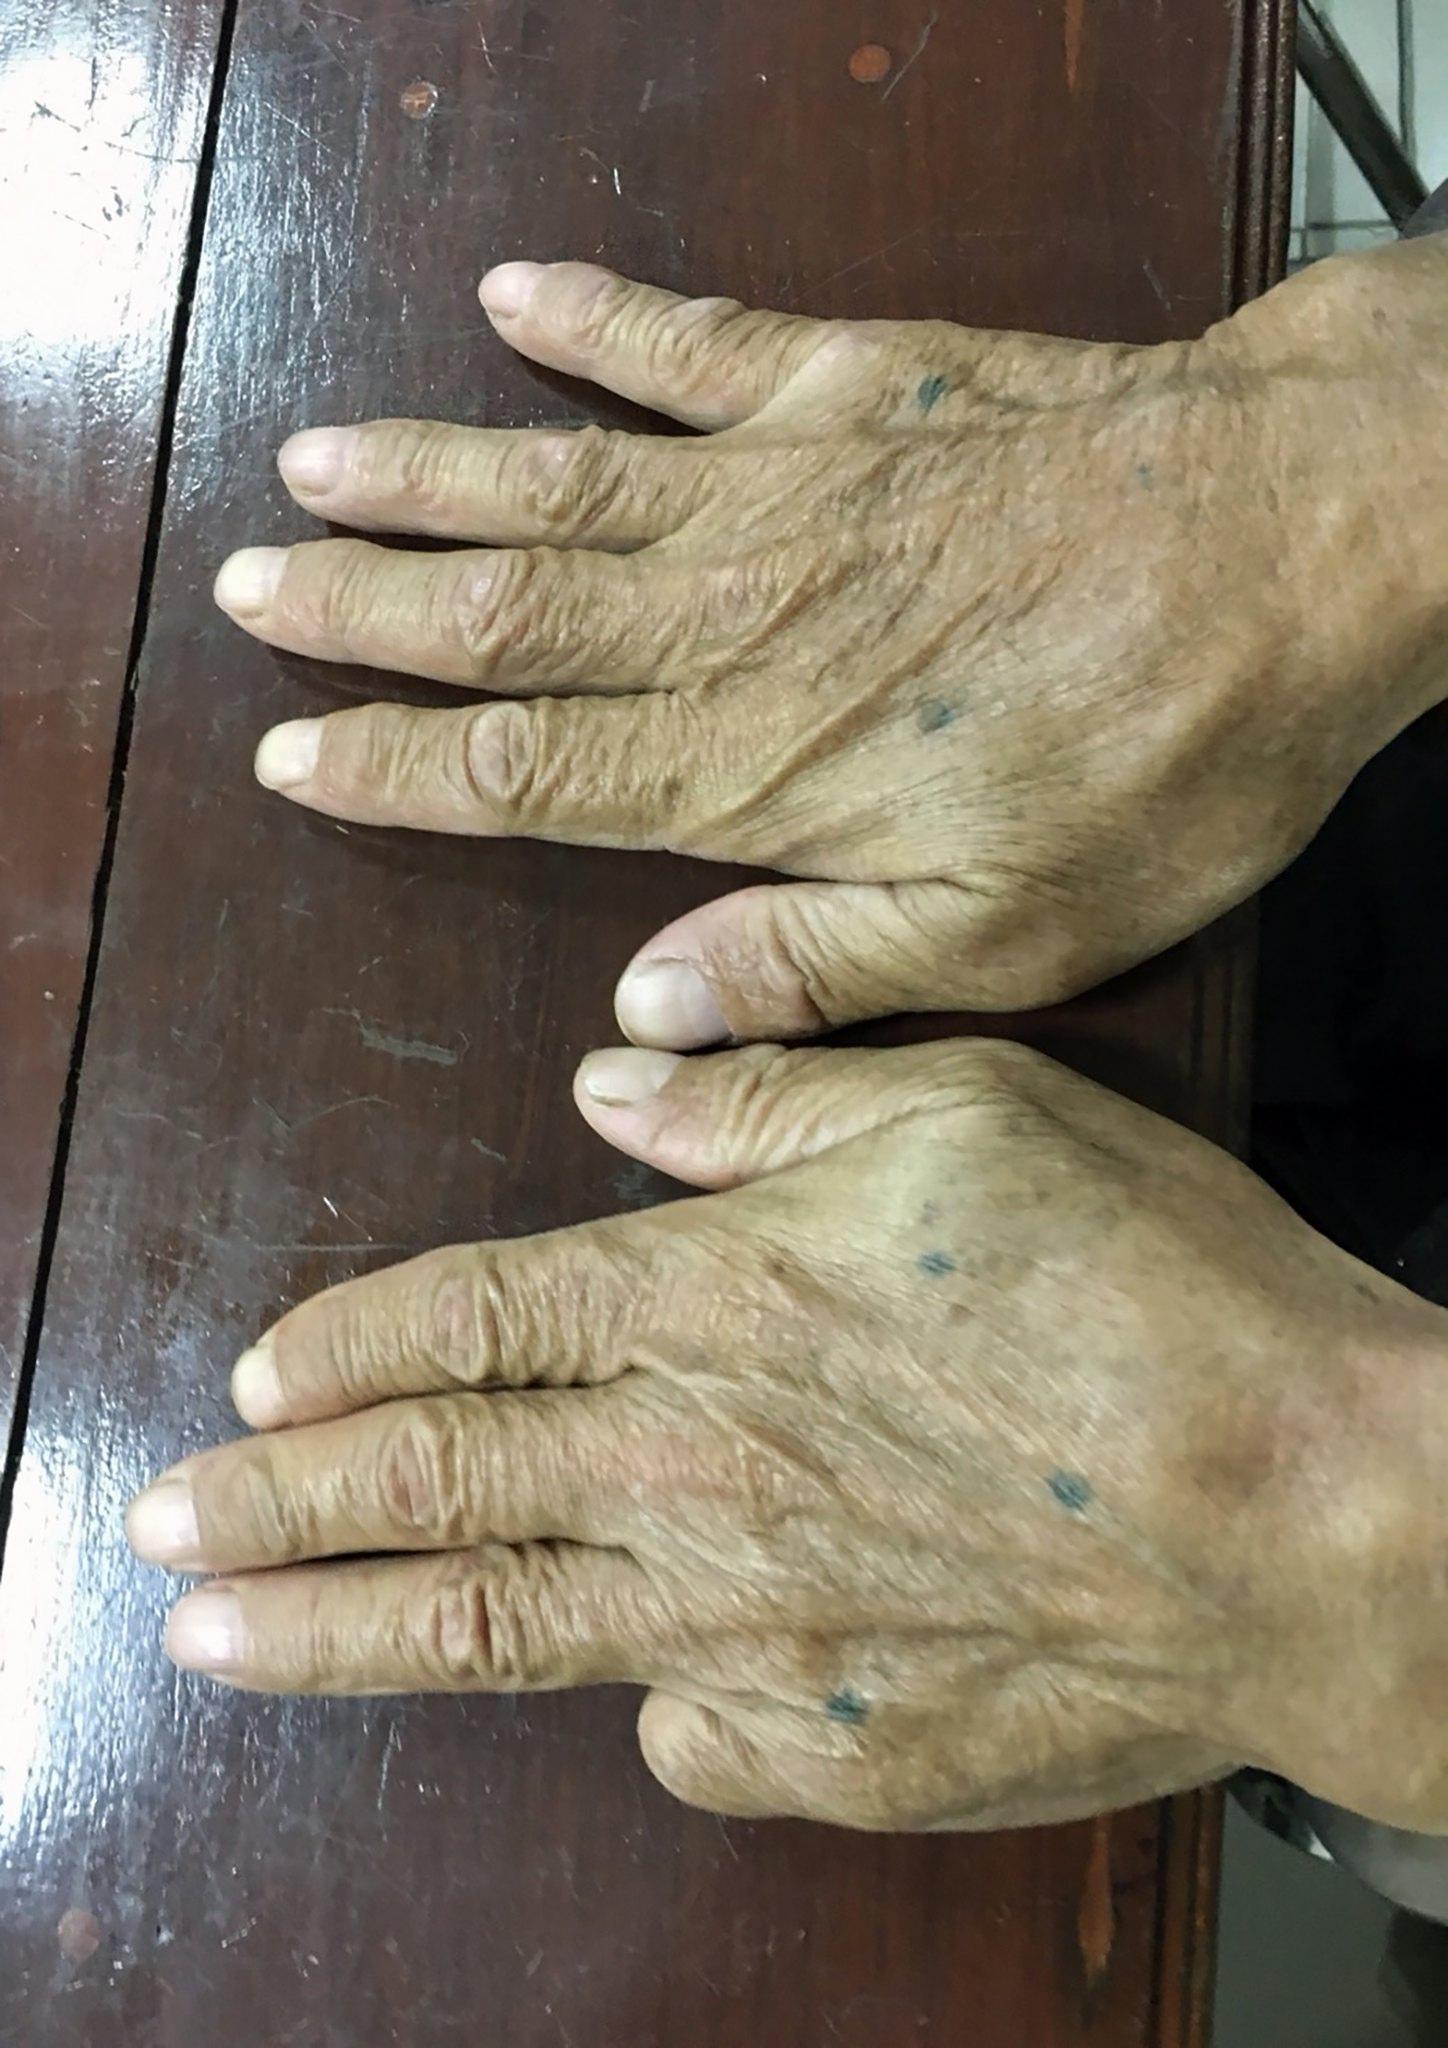 Il dito mozzato di Shigeharu Shirai